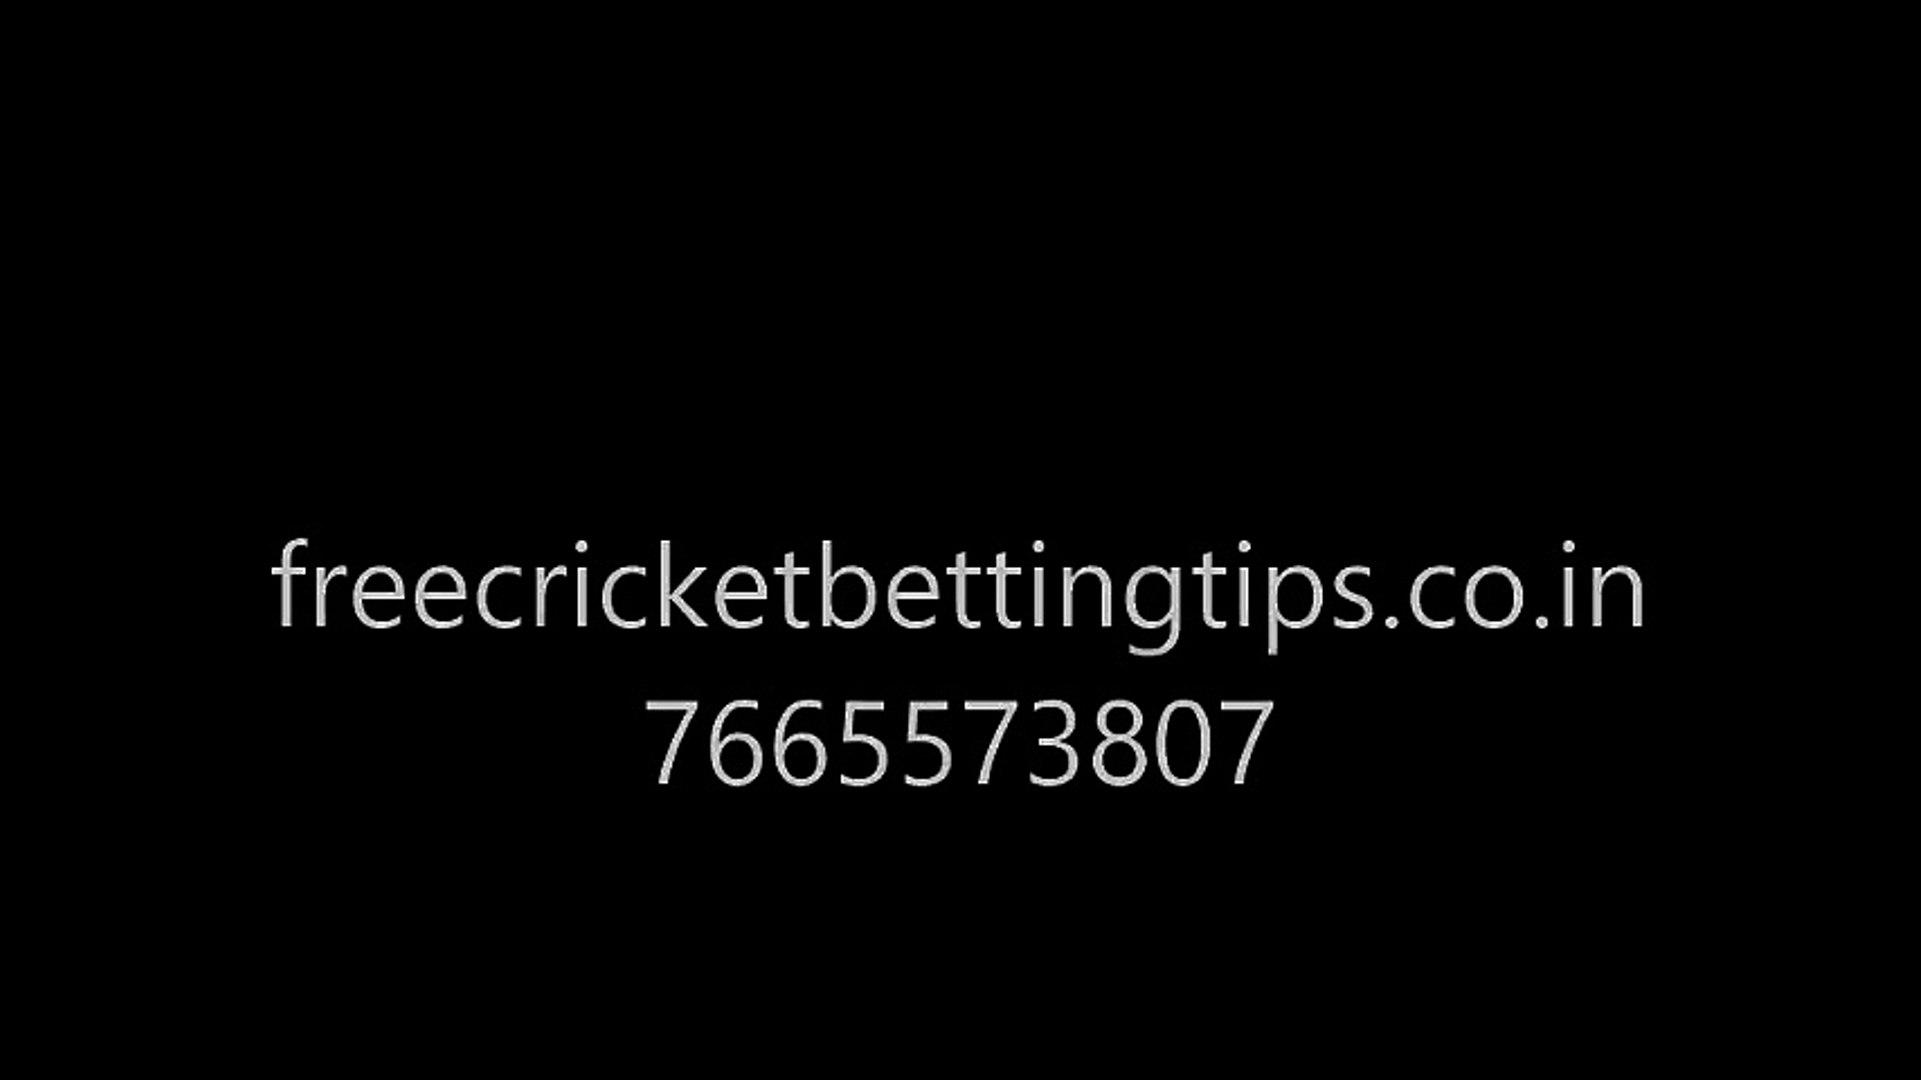 ipl 2017 betting tips | ipl betting tips